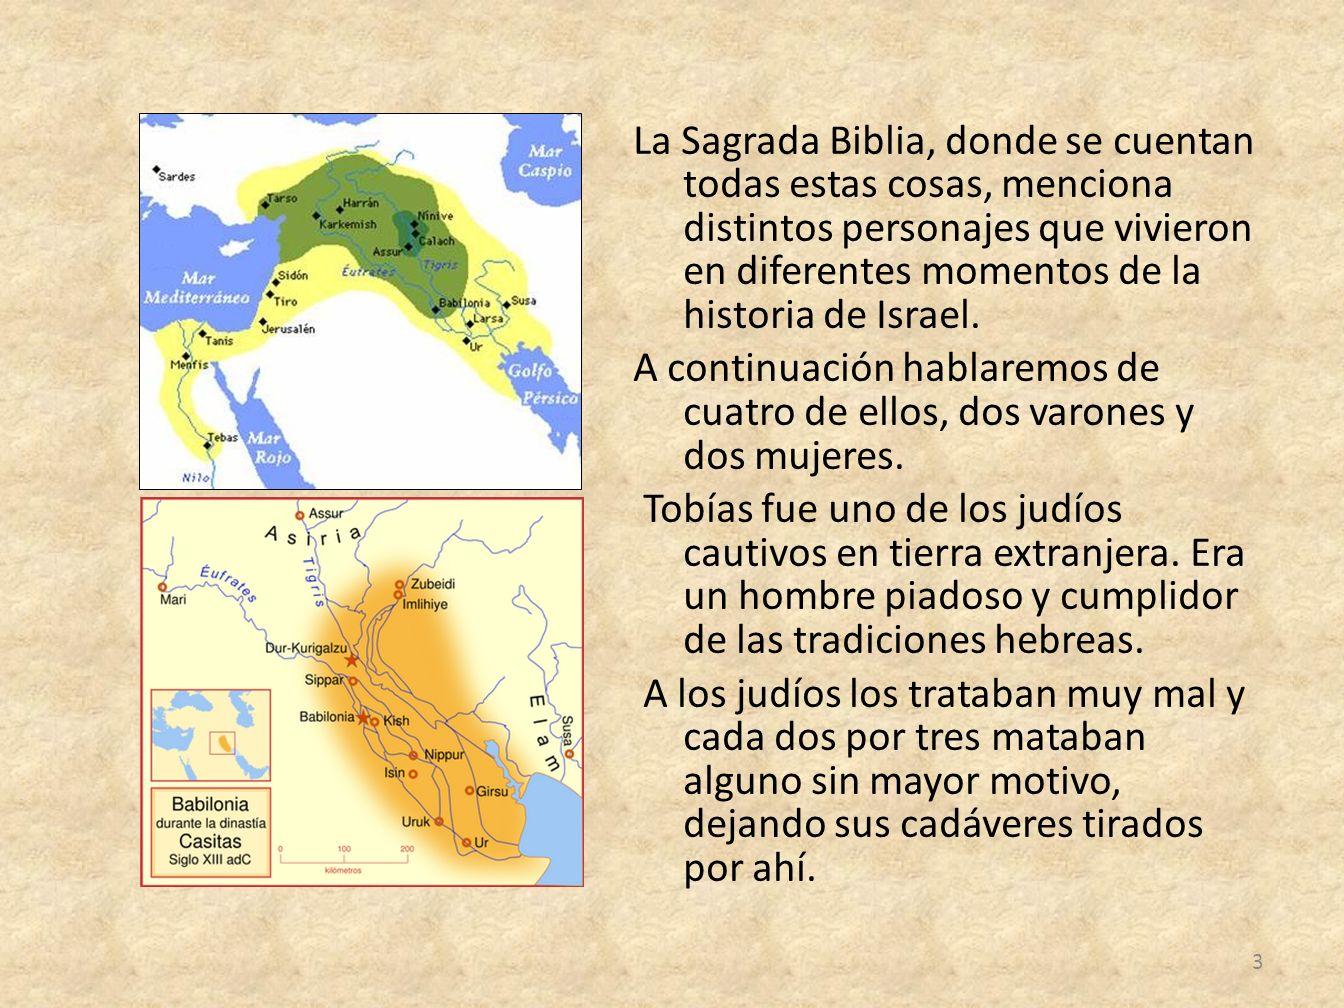 La Sagrada Biblia, donde se cuentan todas estas cosas, menciona distintos personajes que vivieron en diferentes momentos de la historia de Israel.